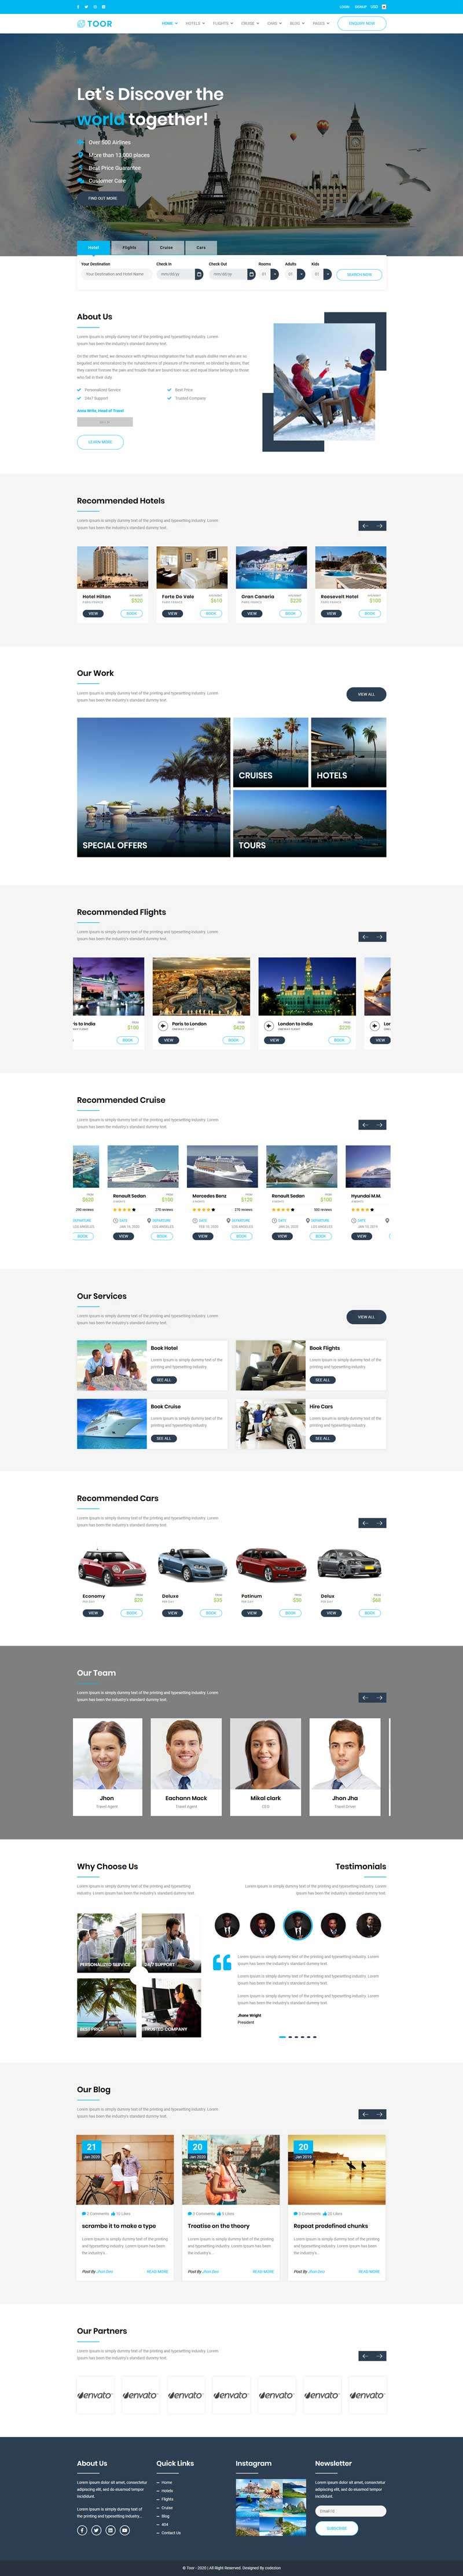 酒店旅游团预订网站HTML5模板